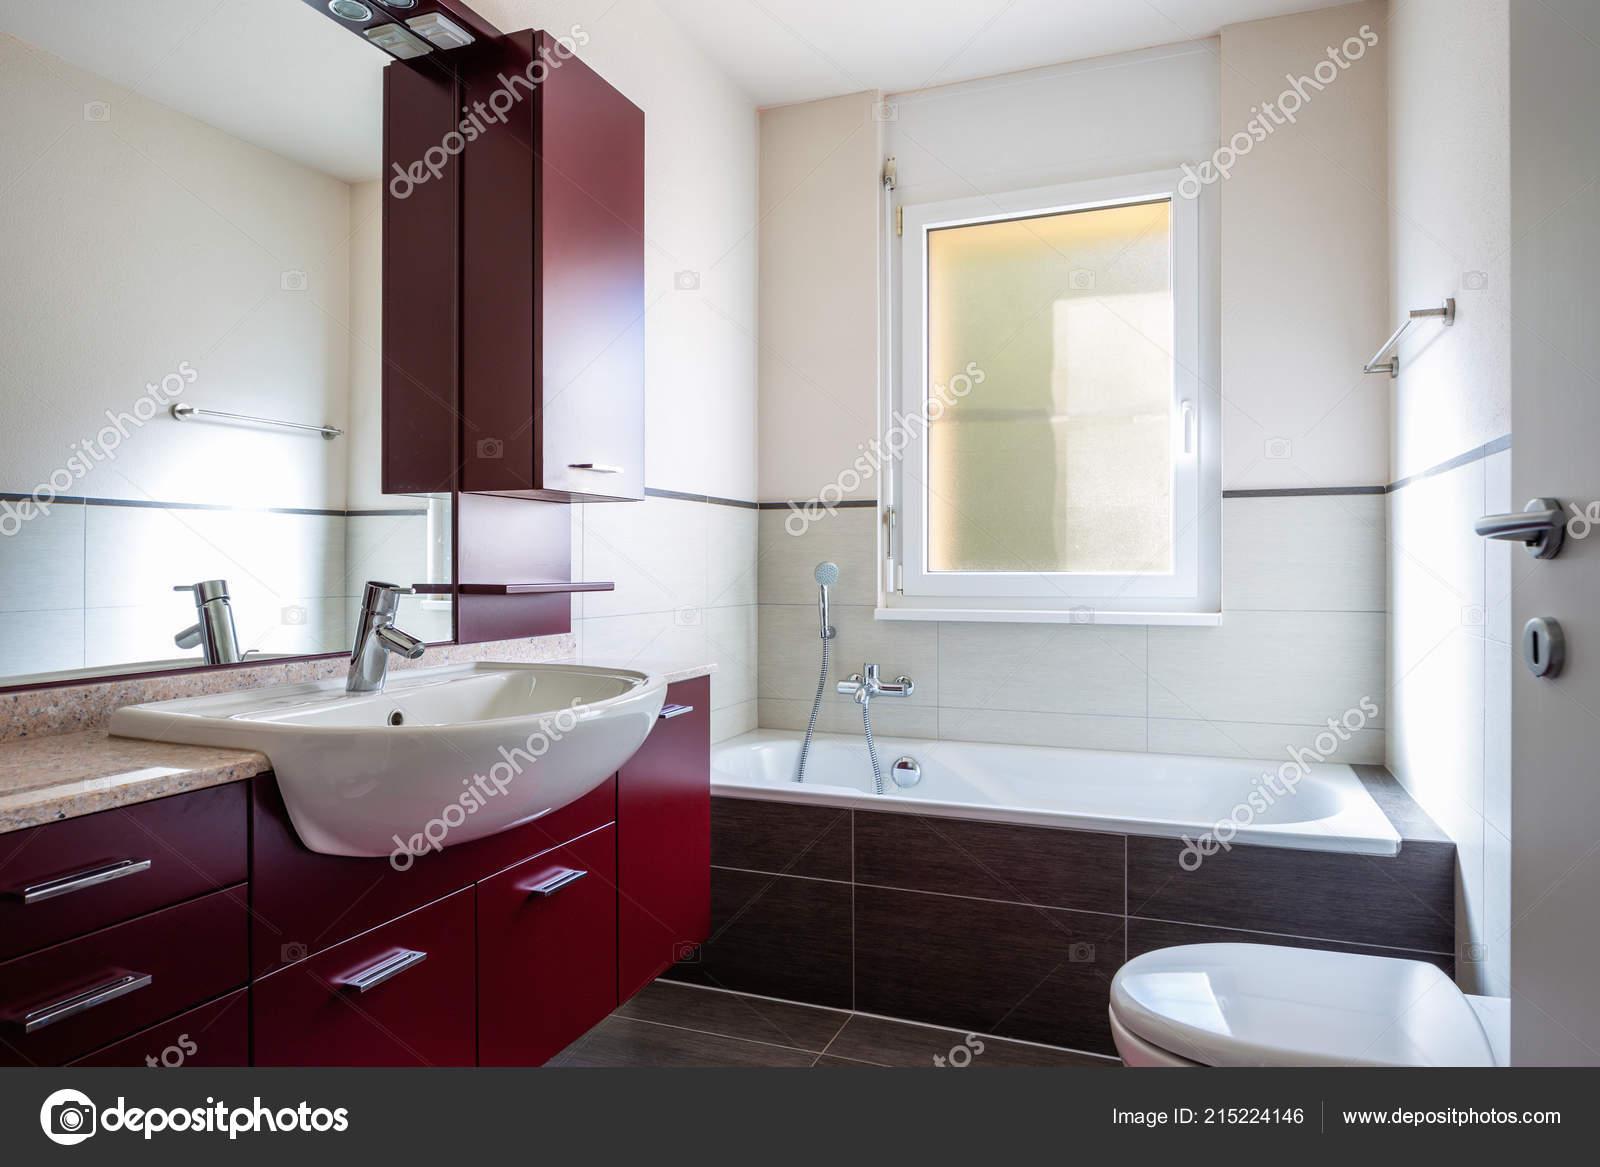 Vasca Da Bagno Rossa : Produttori e fornitori di vasche da bagno in marmo rosso e marrone